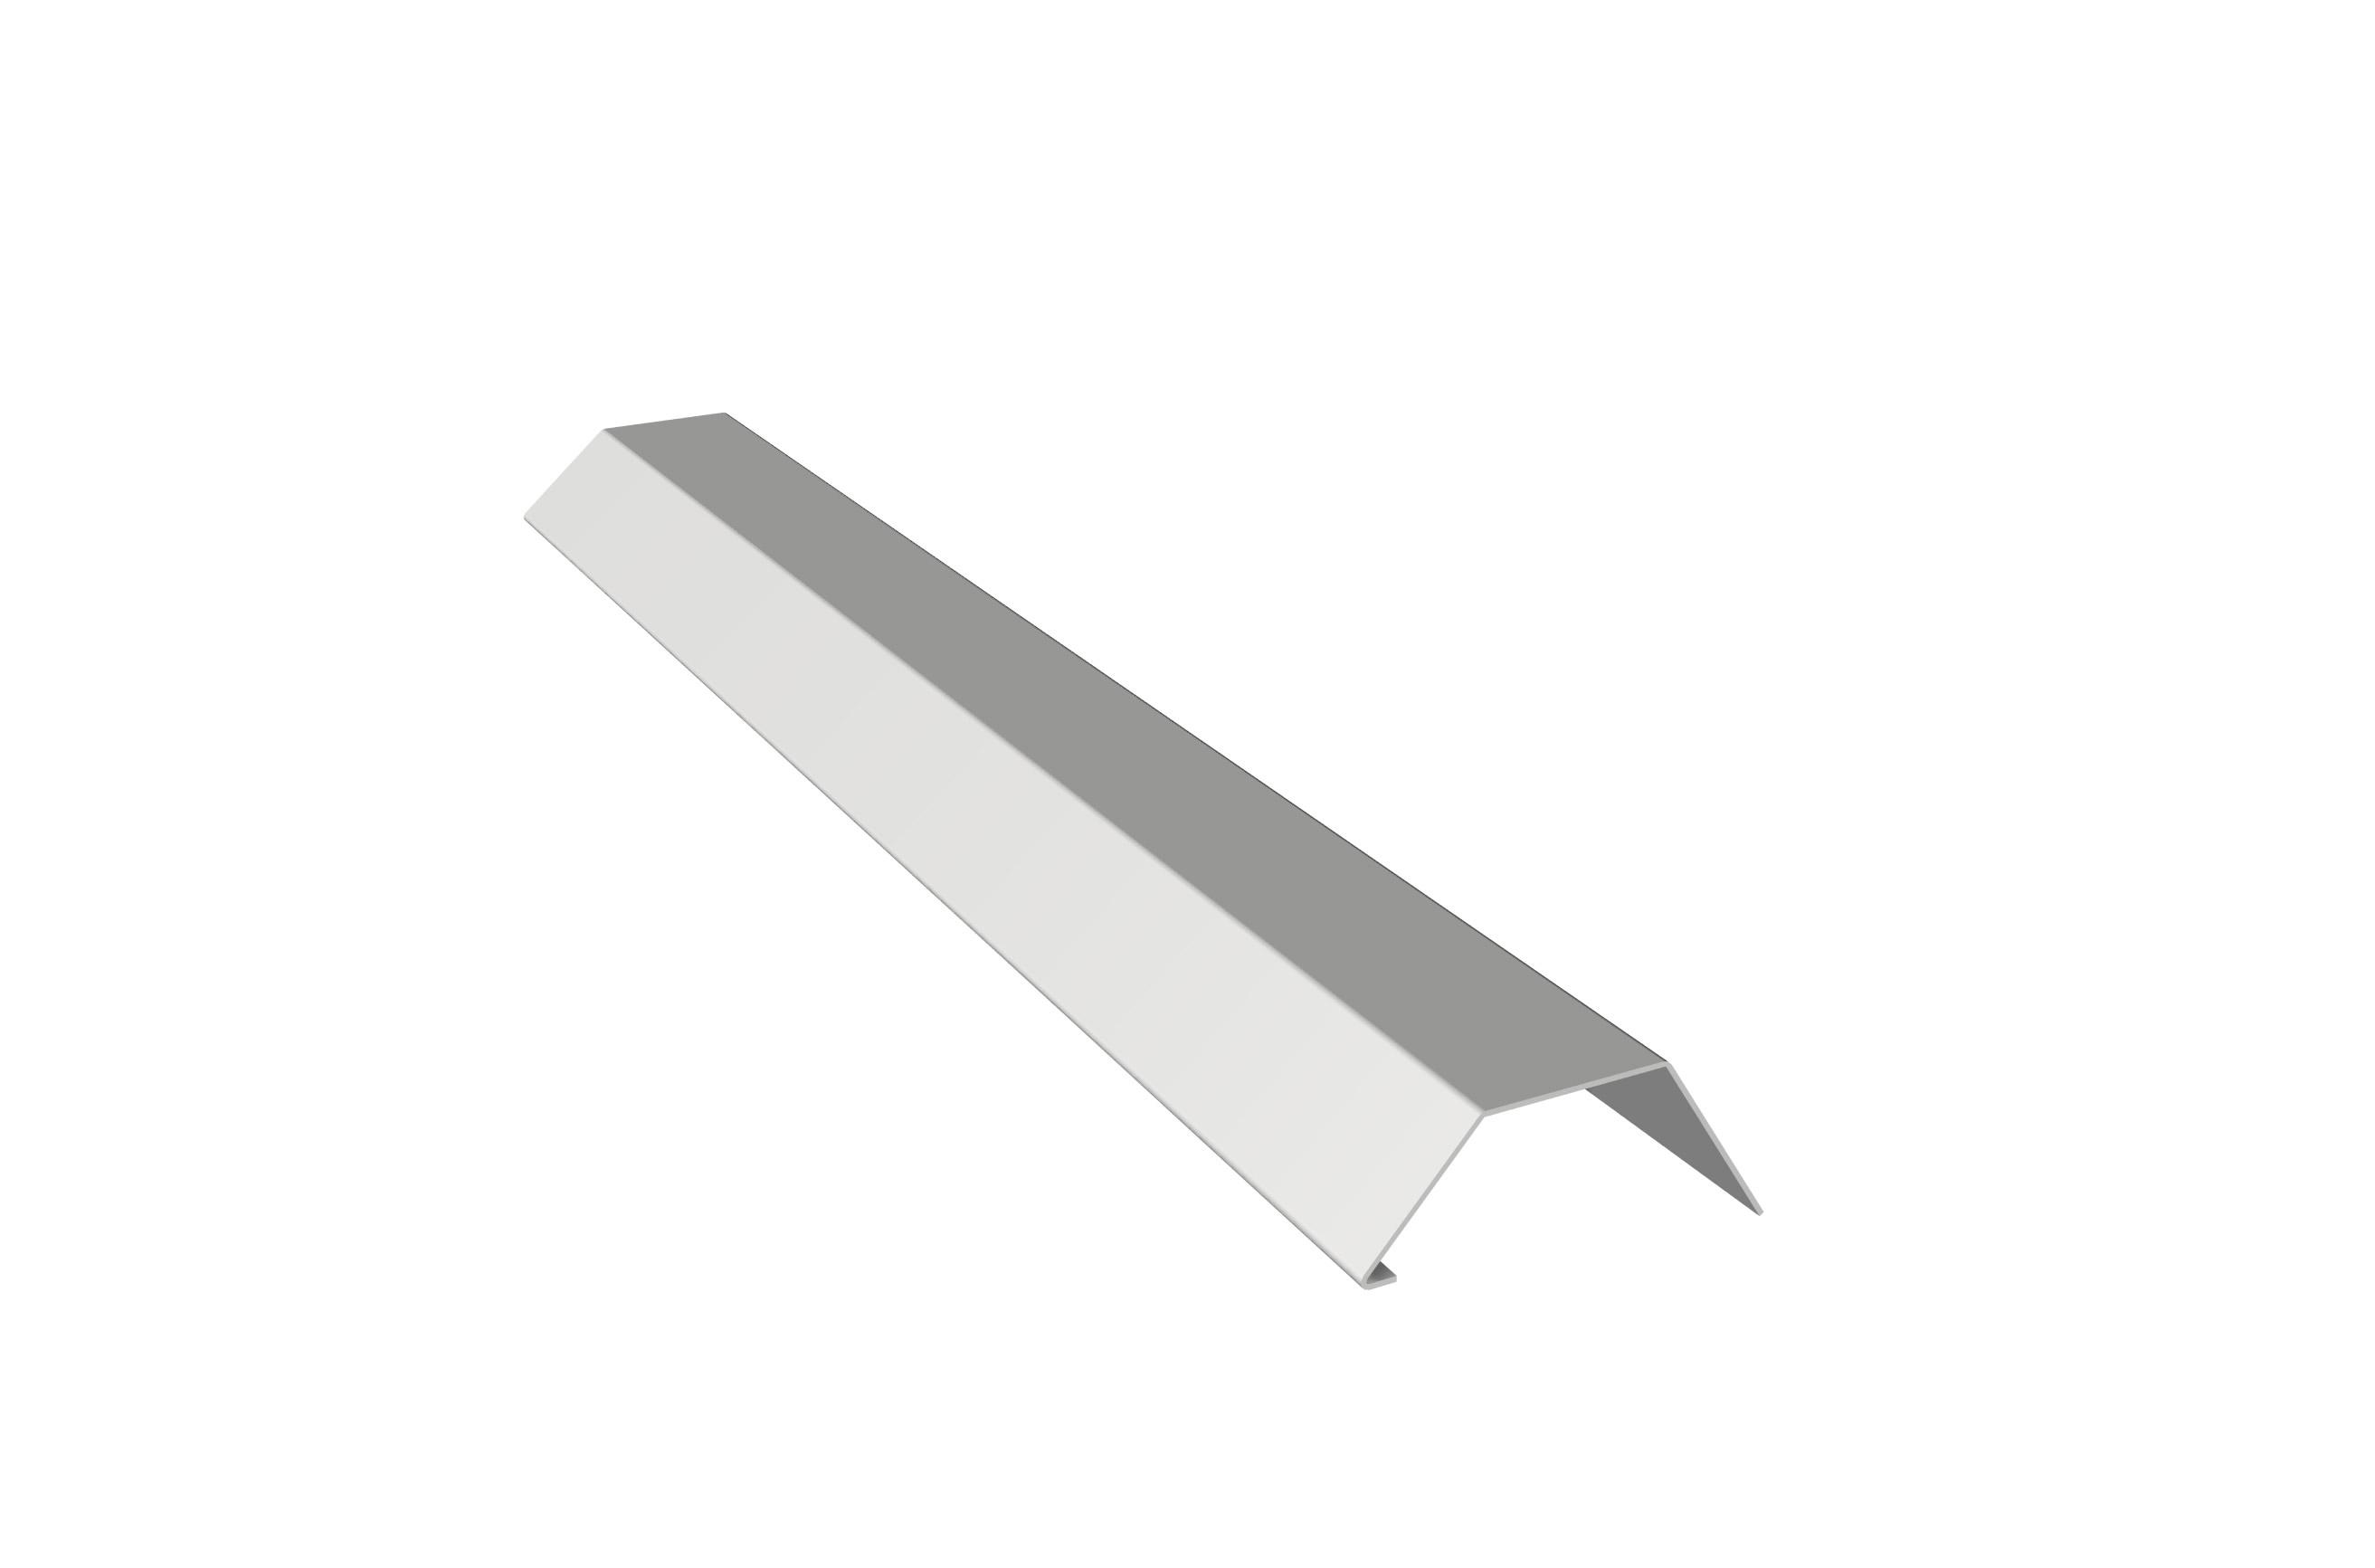 PROFILO DI COPERTURA IN ALLUMINIO: Profilo di copertura in alluminio preverniciato con gocciolatoio